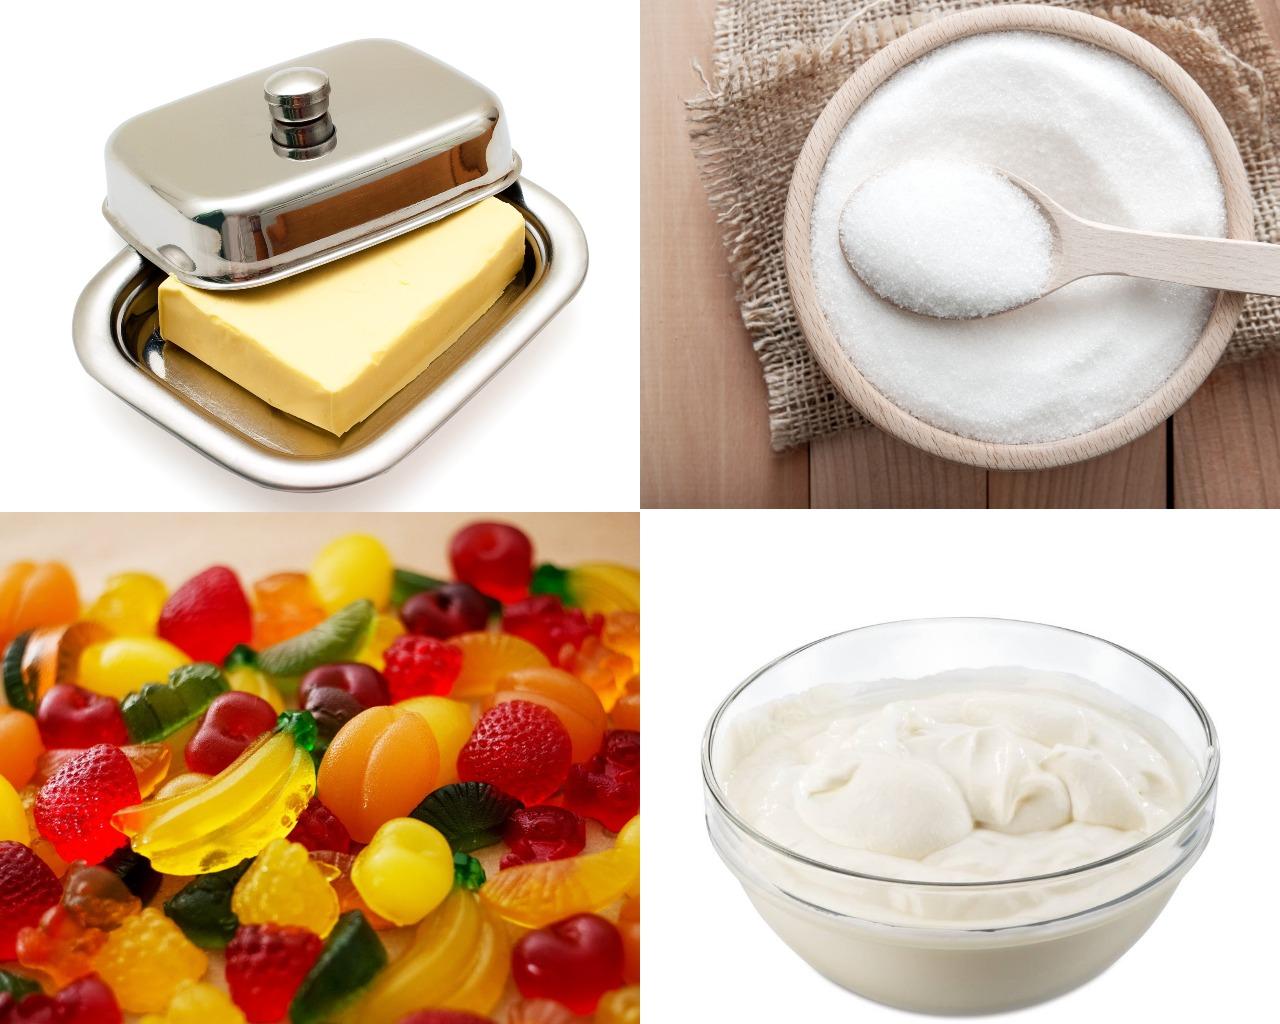 Ingredienty-dlya-marmeladnogo-pokrytiya Как покрыть печенье глазурью